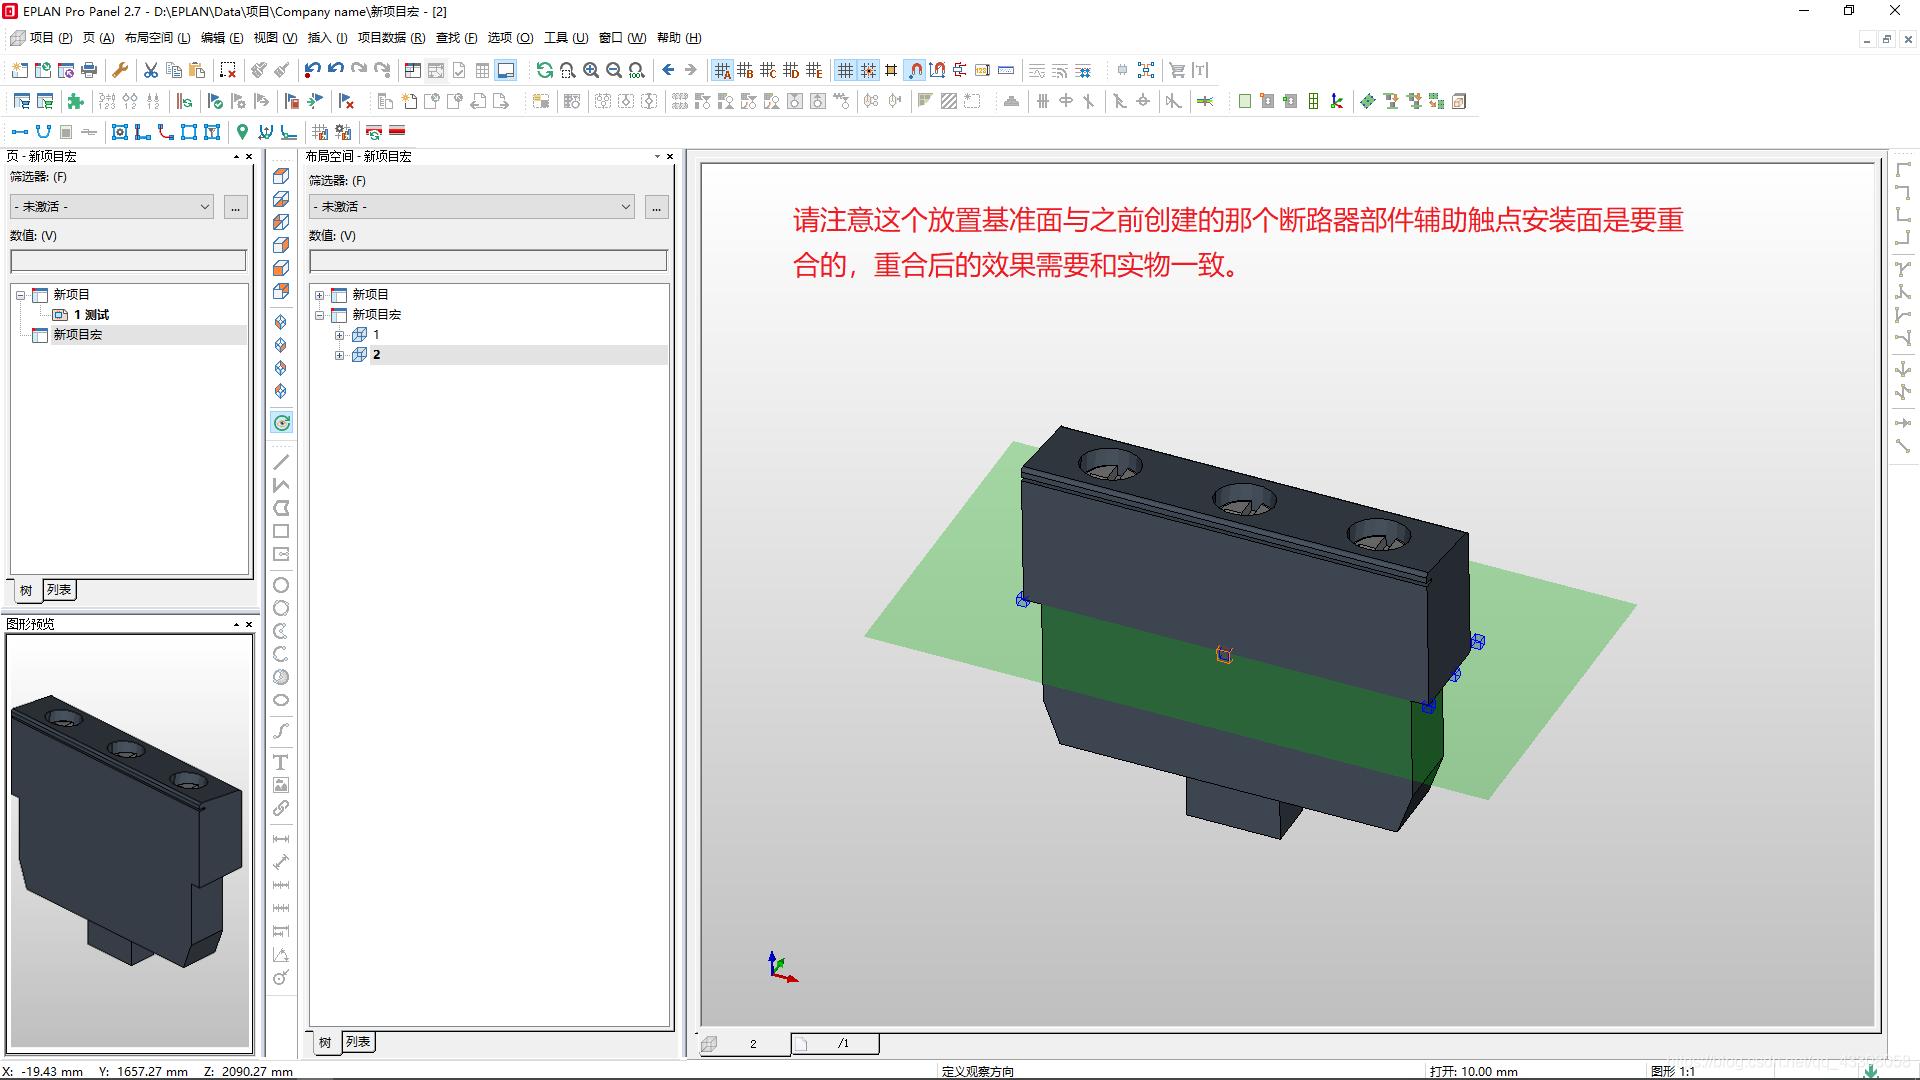 这里我新建了一个辅助触点部件,直接呈现效果